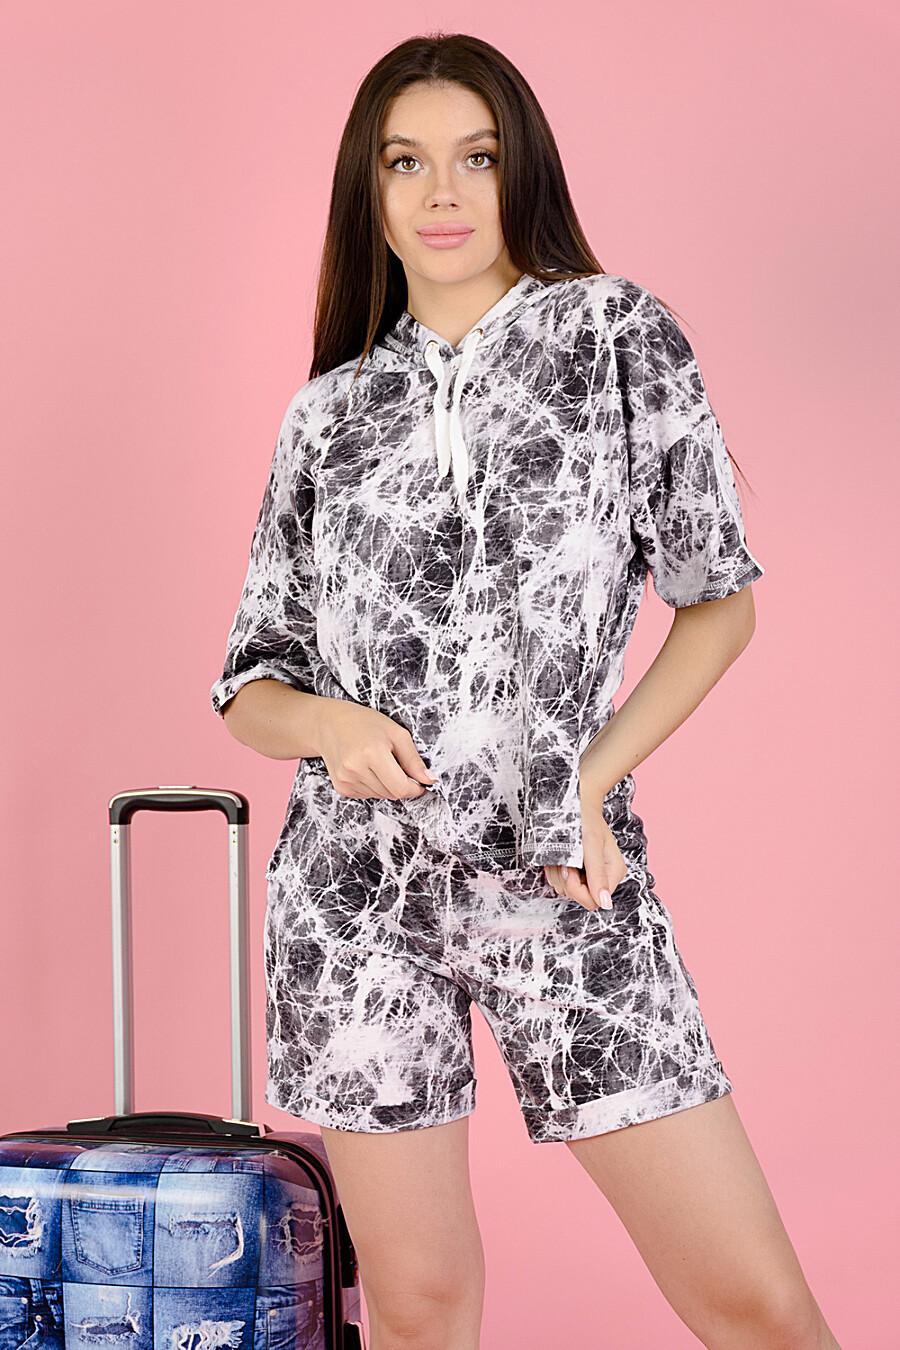 Шорты 8122 для женщин НАТАЛИ 682467 купить оптом от производителя. Совместная покупка женской одежды в OptMoyo